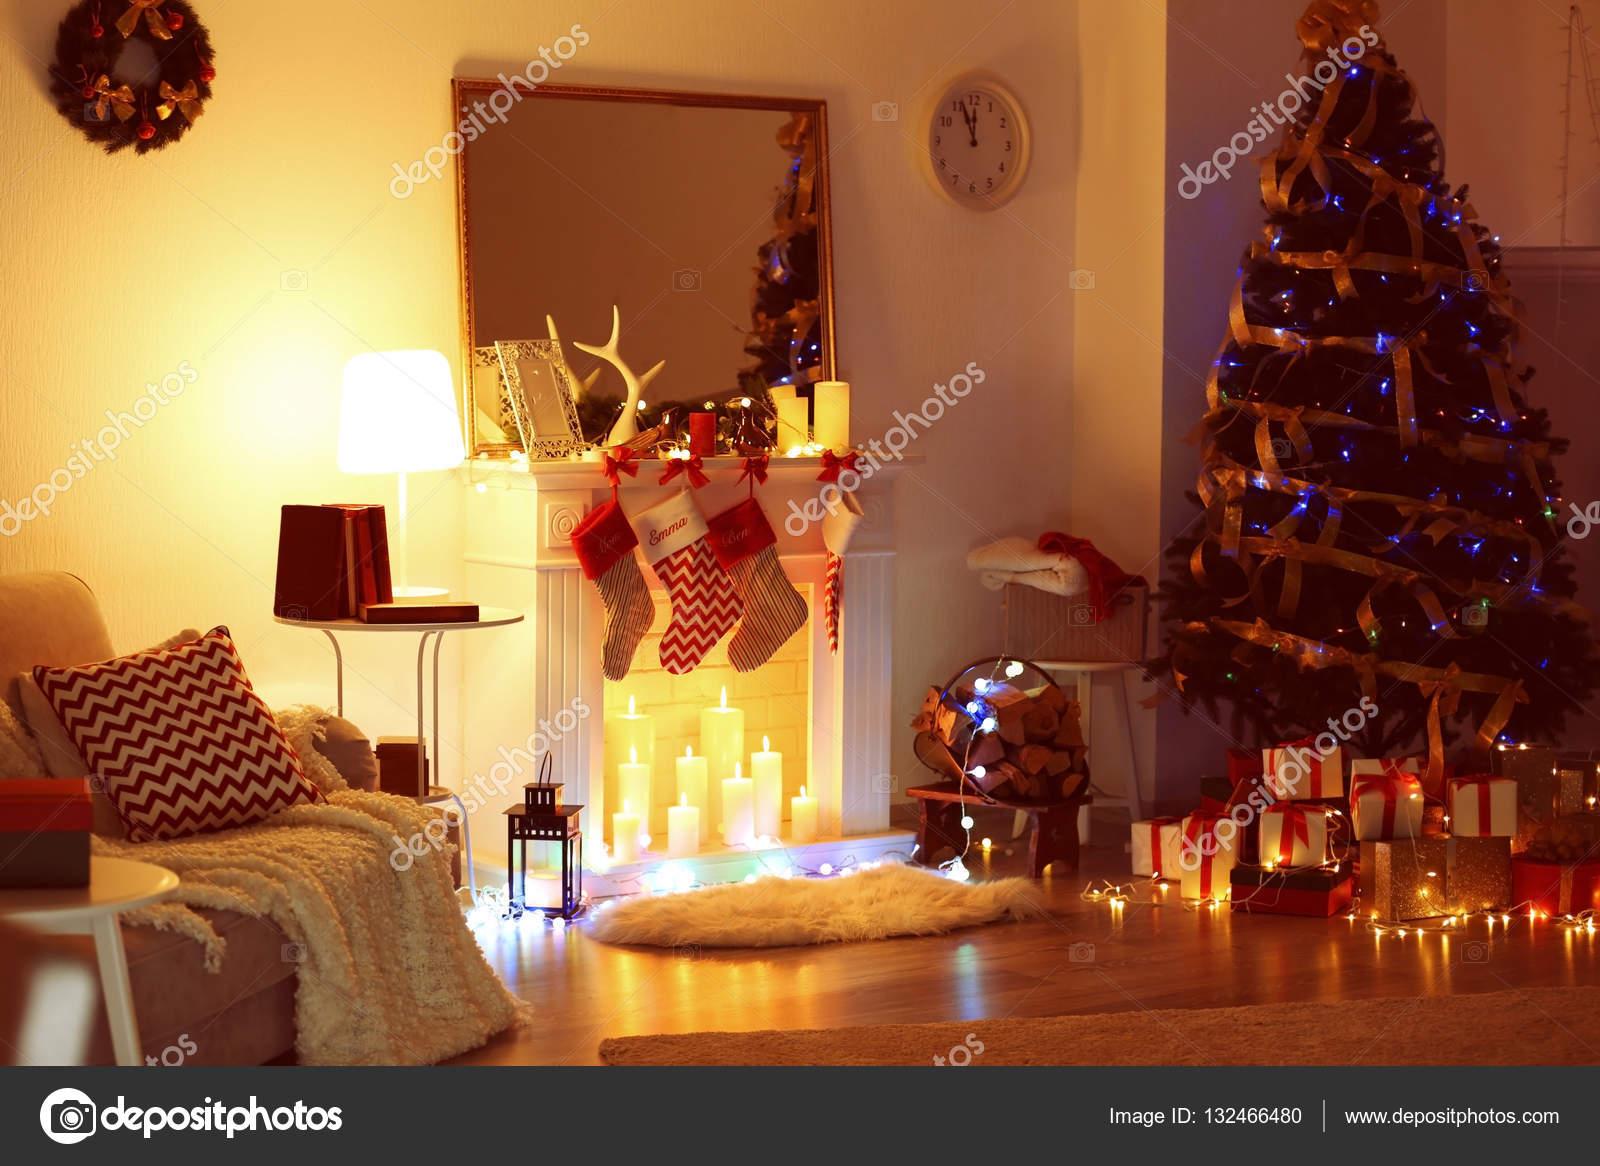 mooie woonkamer met open haard versierd voor de kerst foto van belchonock